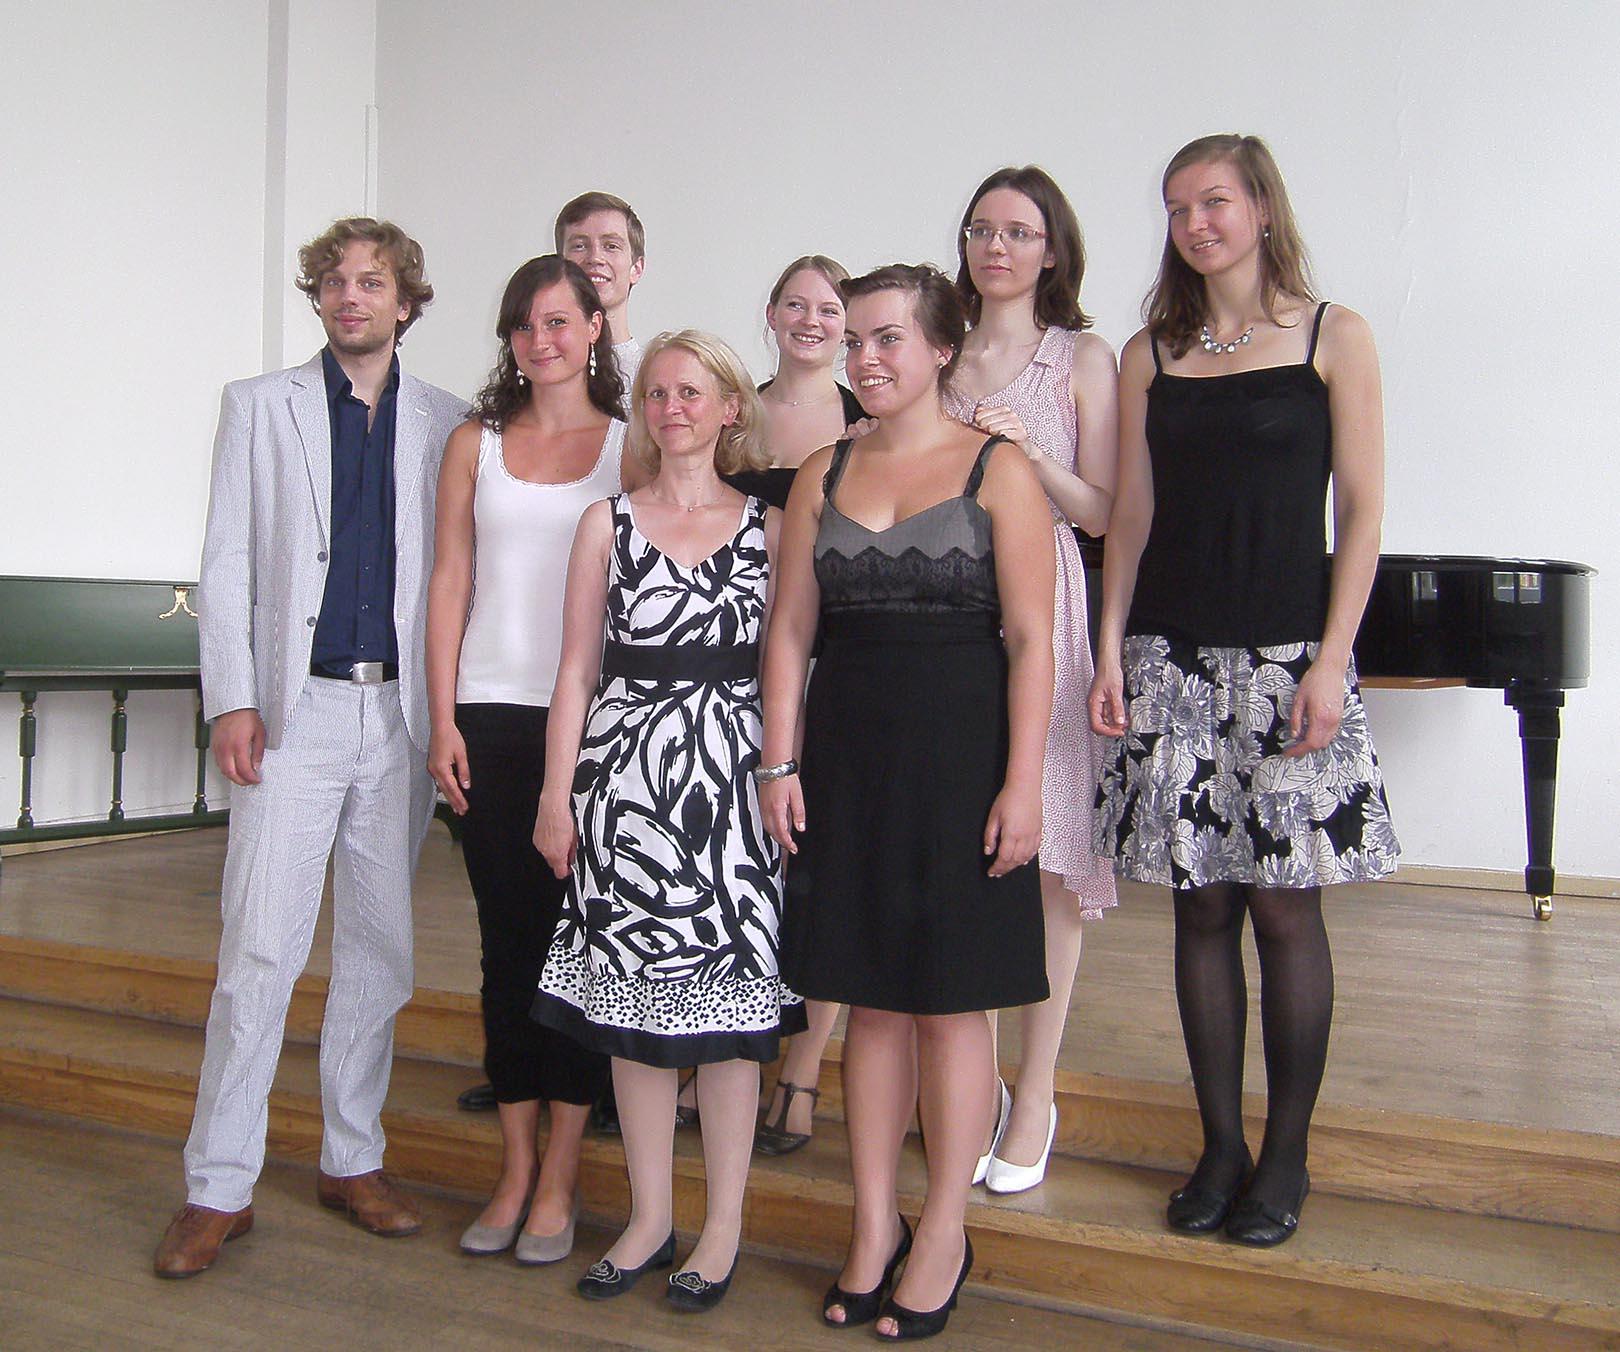 Abschlussklasse C. Wosnitza 2012